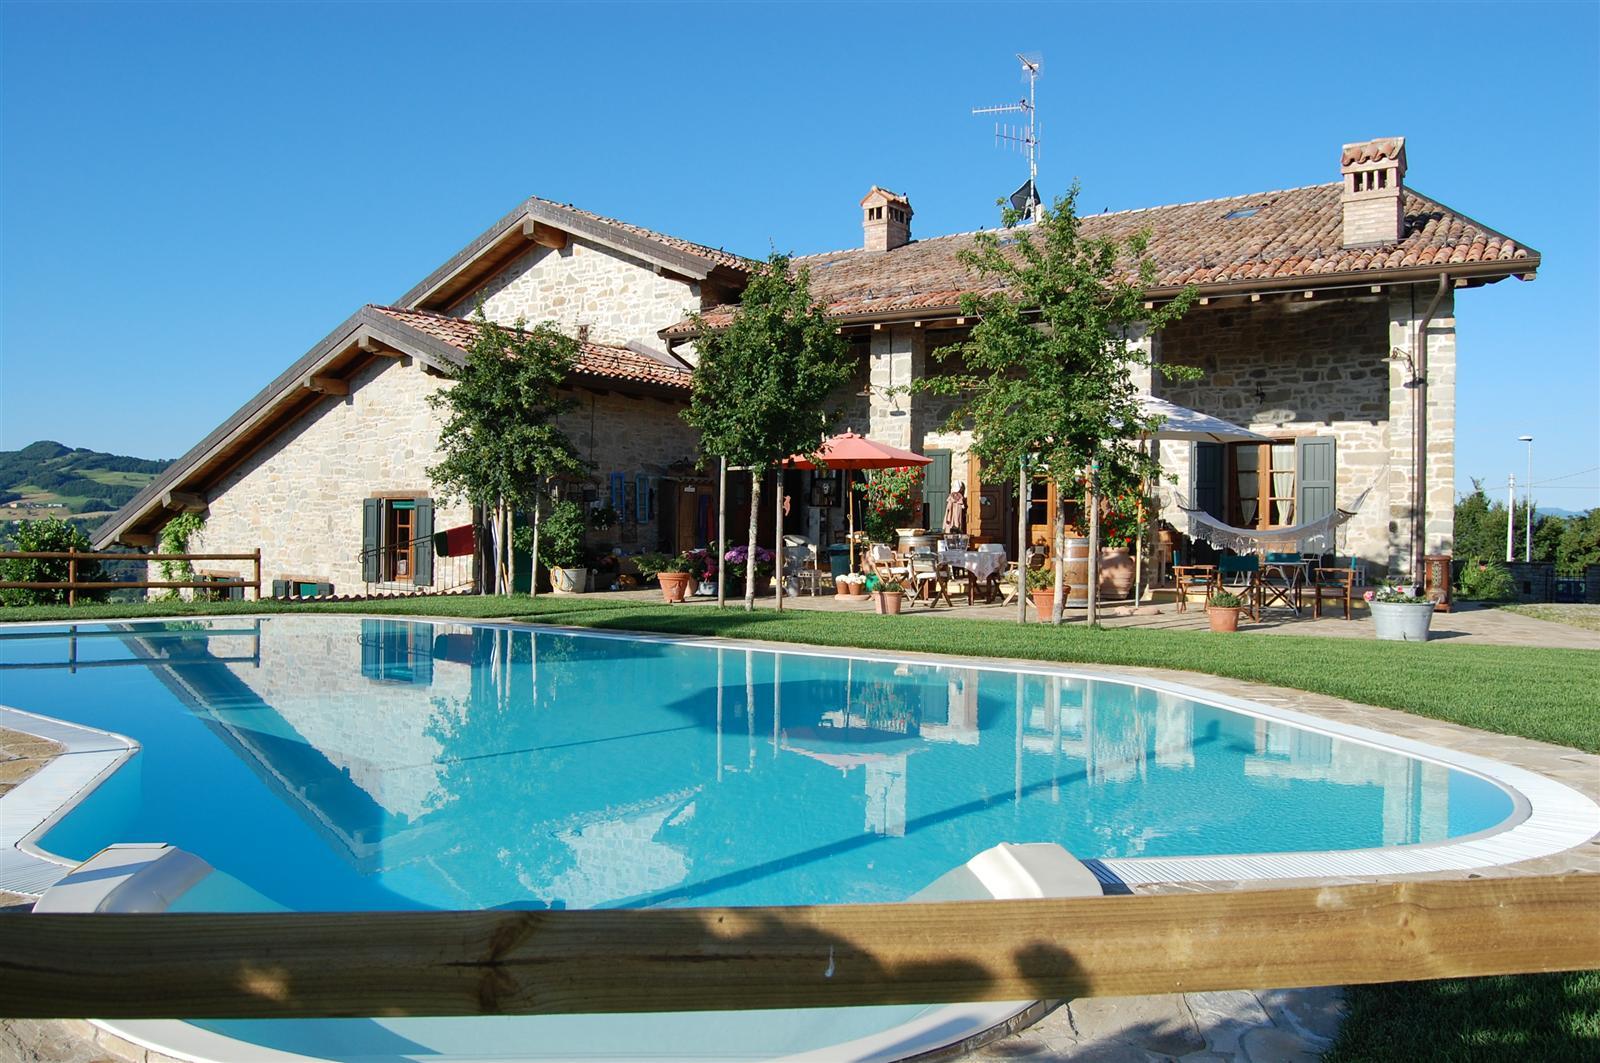 Casa con piscina caseloft s r l immobiliare sassuolo for Ammobiliare casa